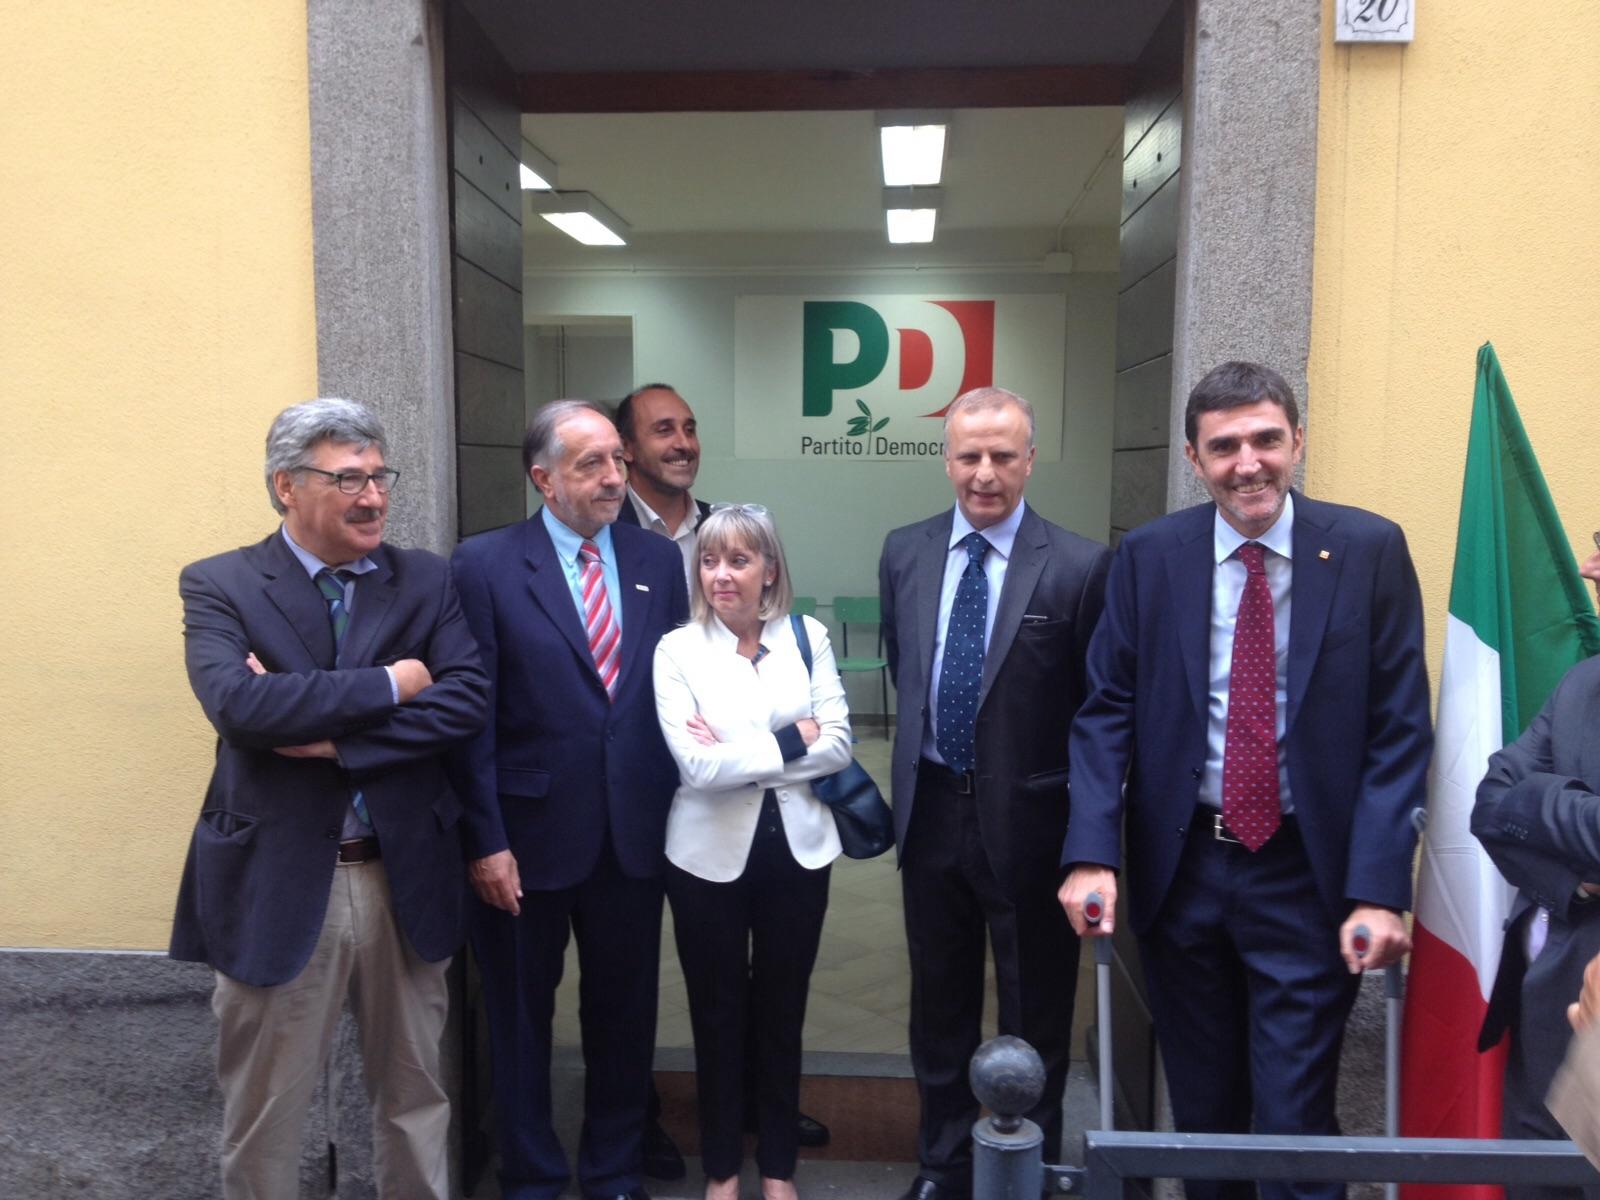 AslTo3, il PD di Pinerolo organizza un incontro pubblico nella sua sede